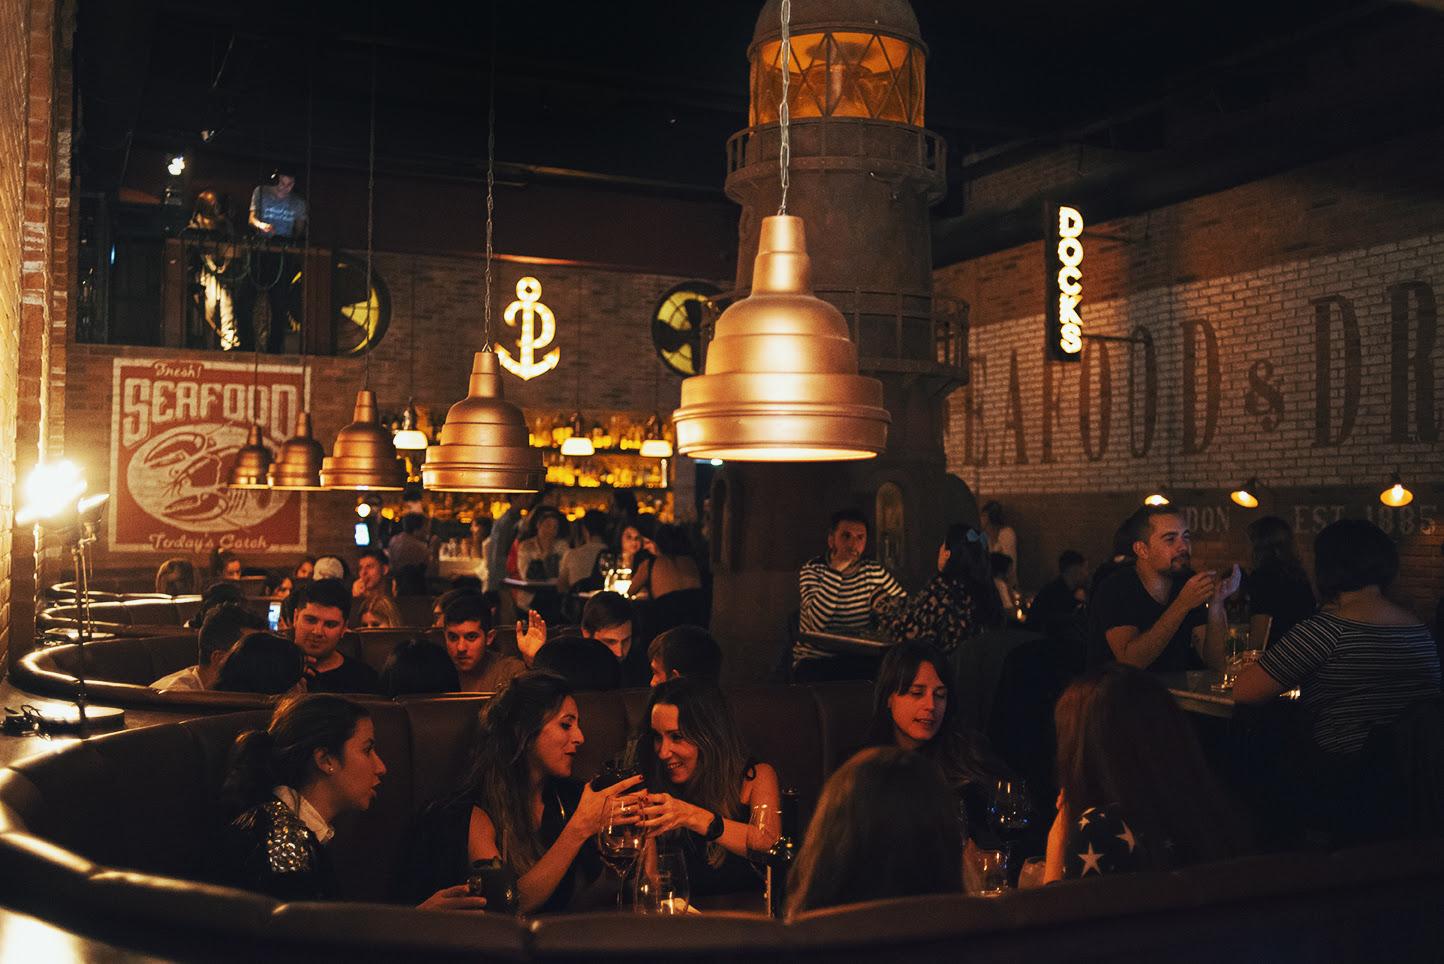 Docks bar speakeasy transporta a puertos europeos años 30 Palermo loqueva